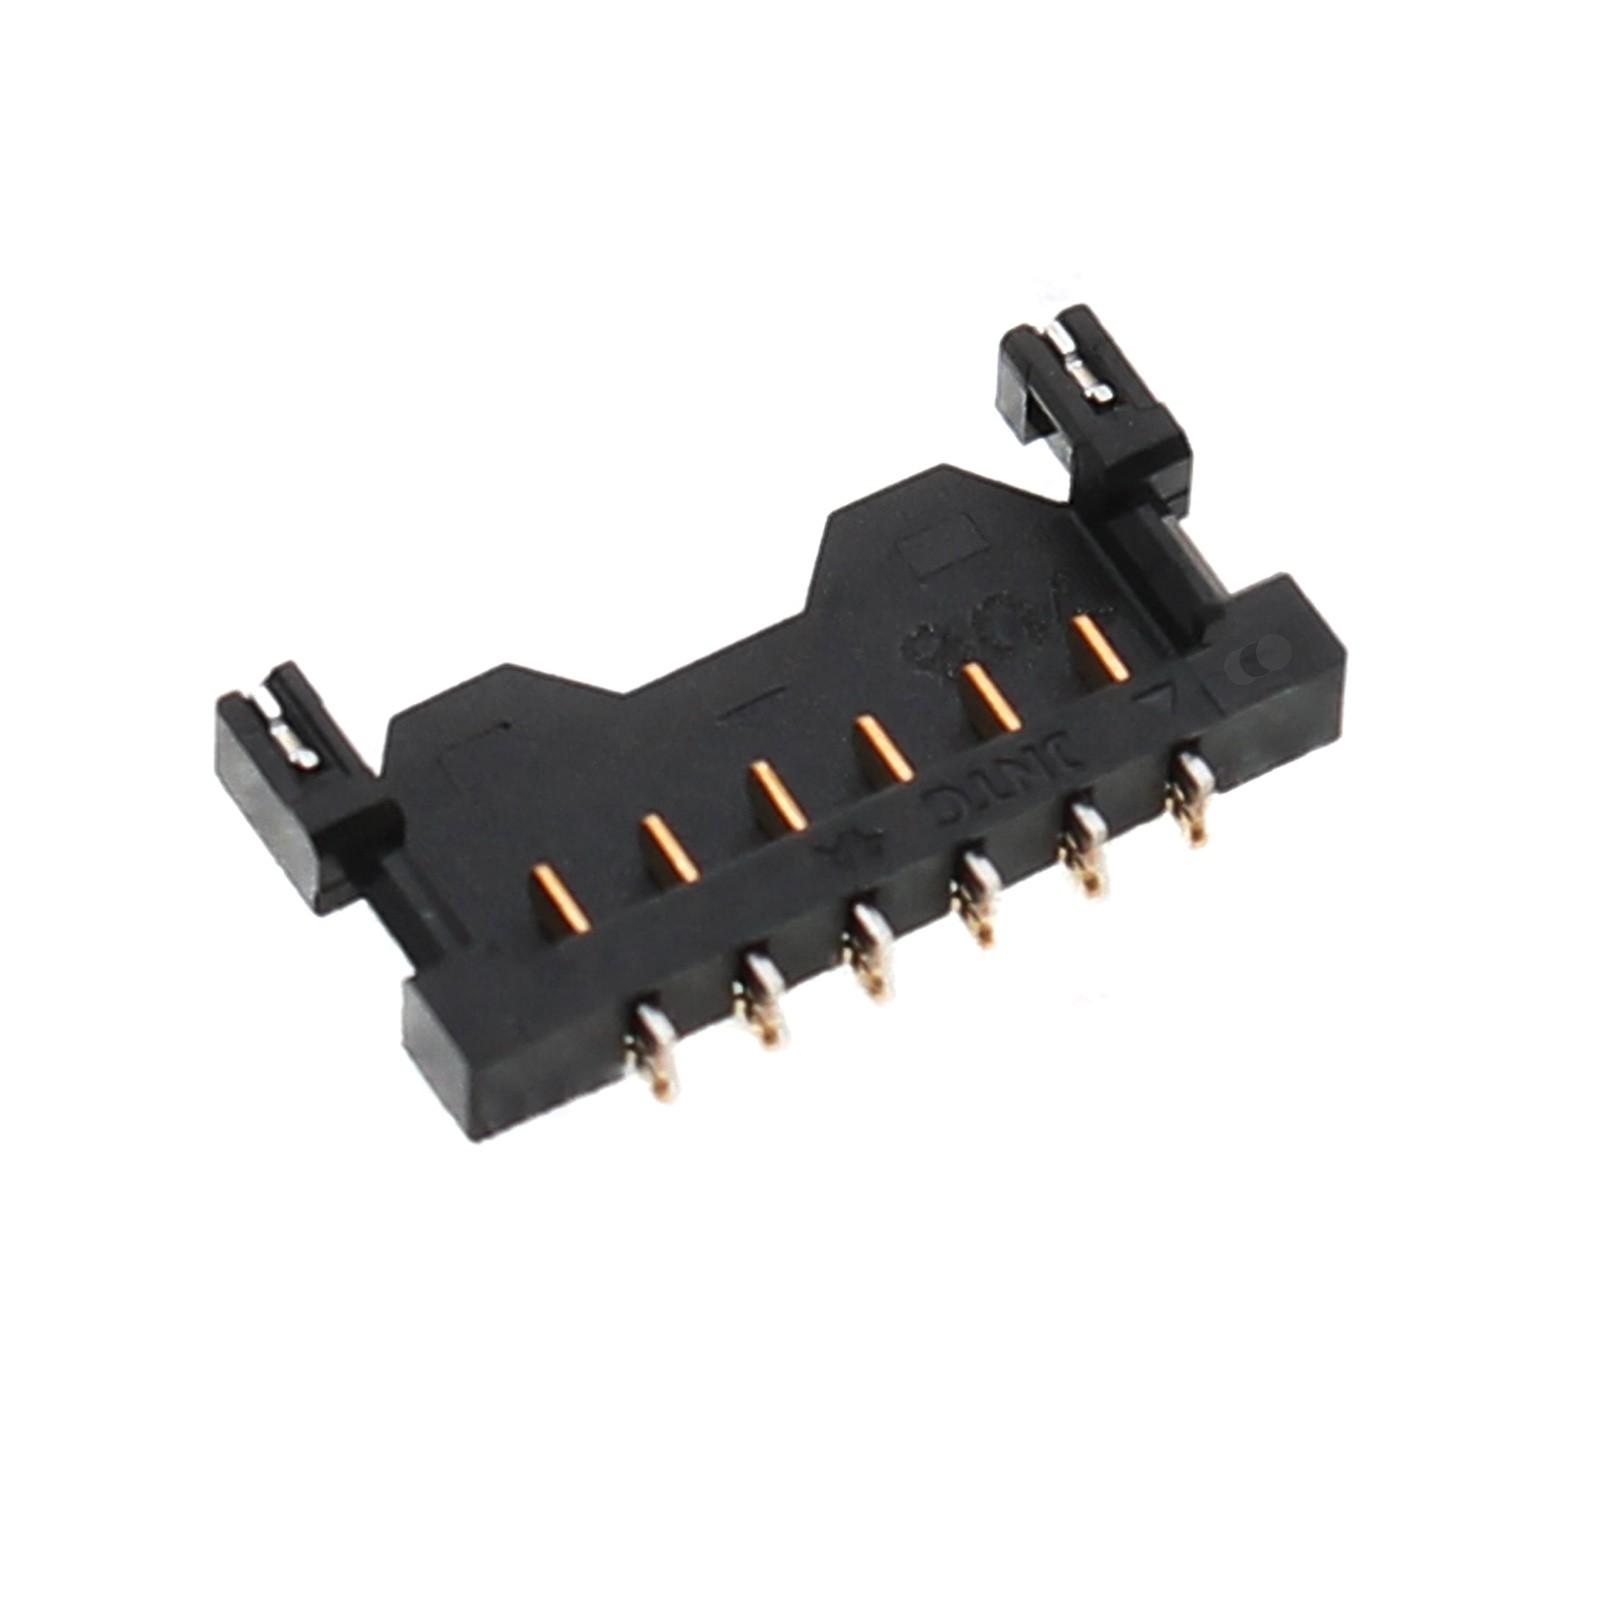 6-Pin Steckleiste für Samsung GT-P5210, SM-T310, SM-T705 u.a. / Akku-Connector